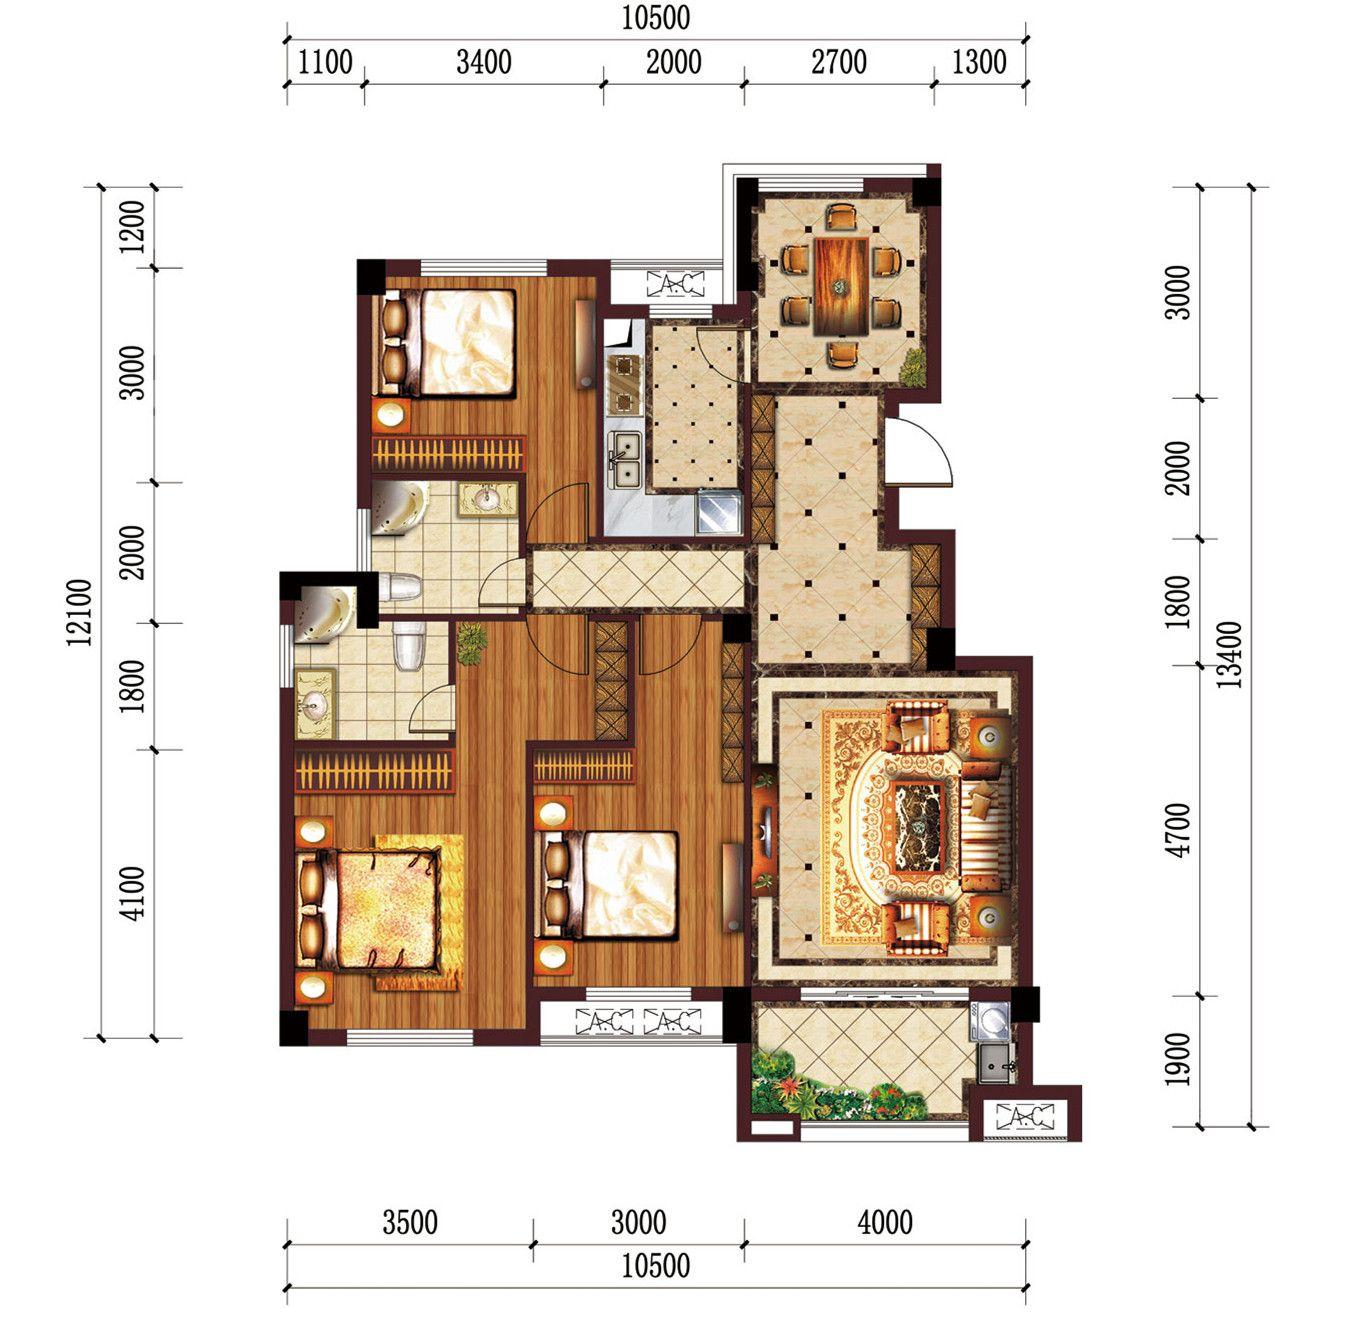 公园道B区御湖F3室2厅117.04平米